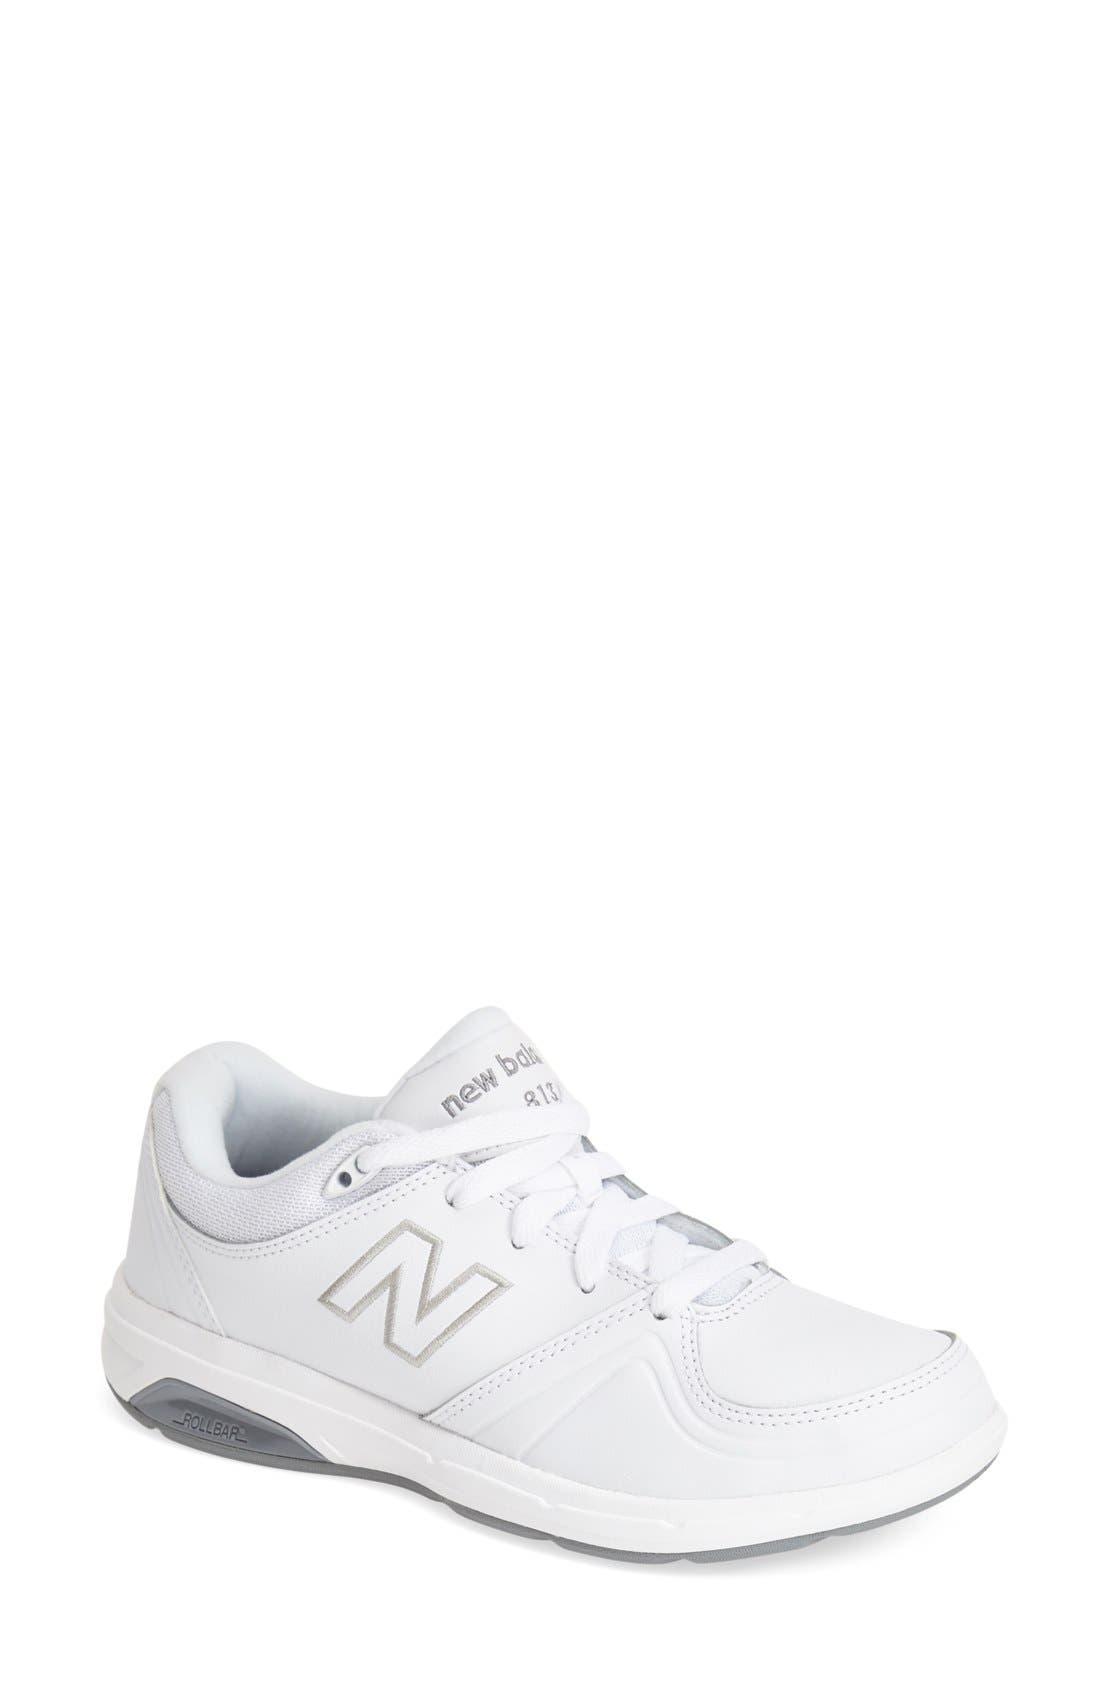 Main Image - New Balance '813' Walking Shoe (Women)